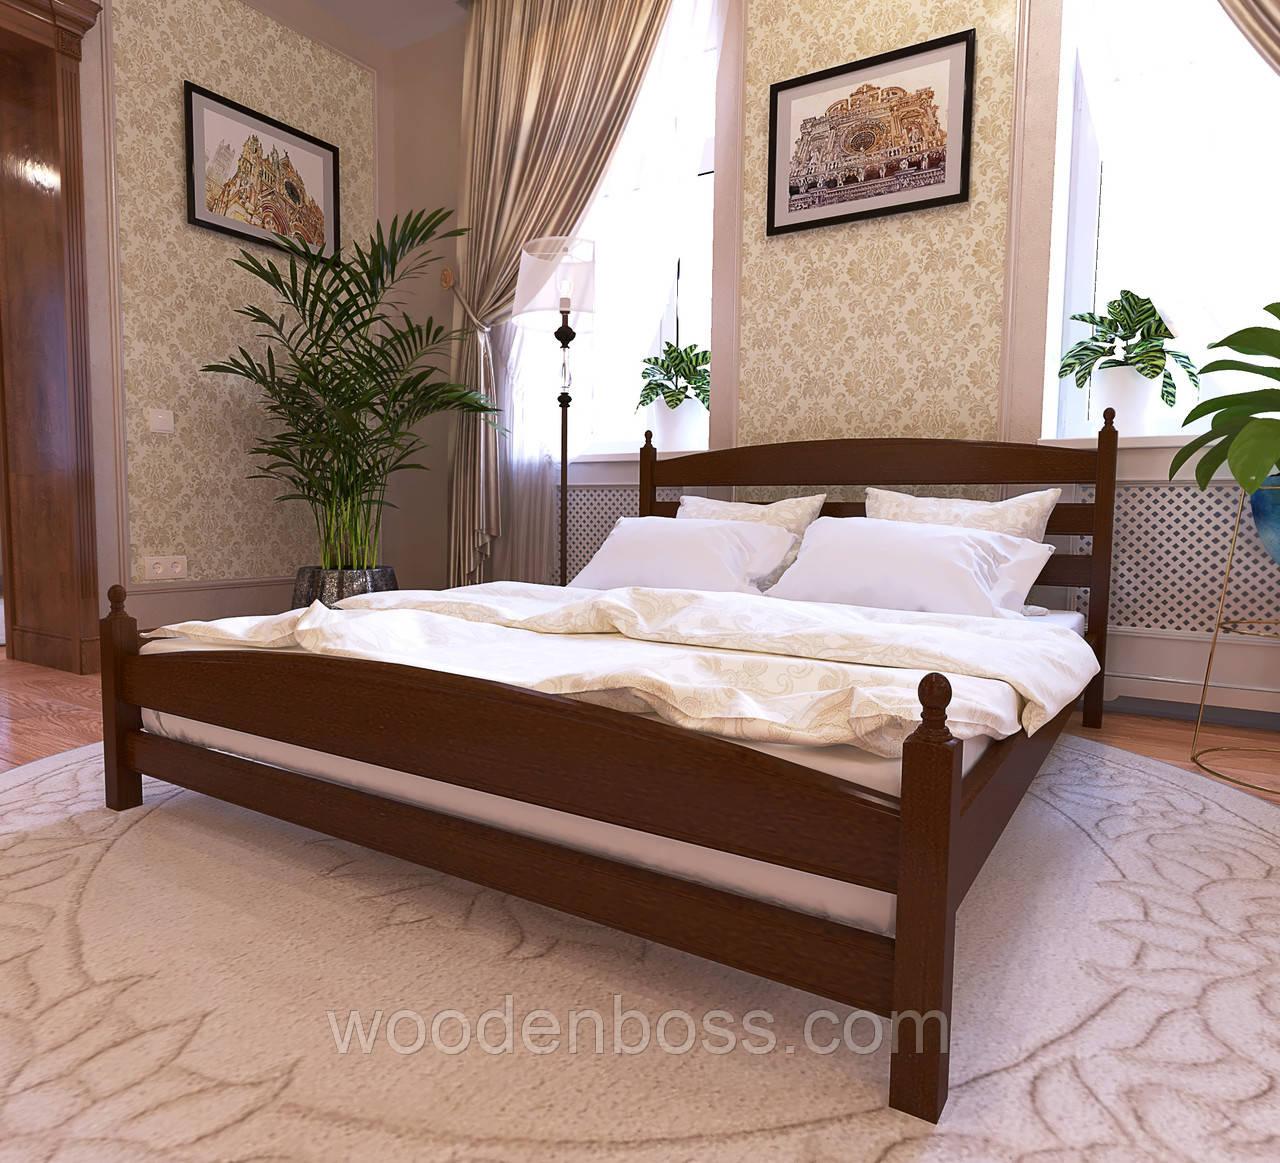 """Кровать односпальная от """"Wooden Boss"""" Классик Люкс(спальное место 90х190/200)"""